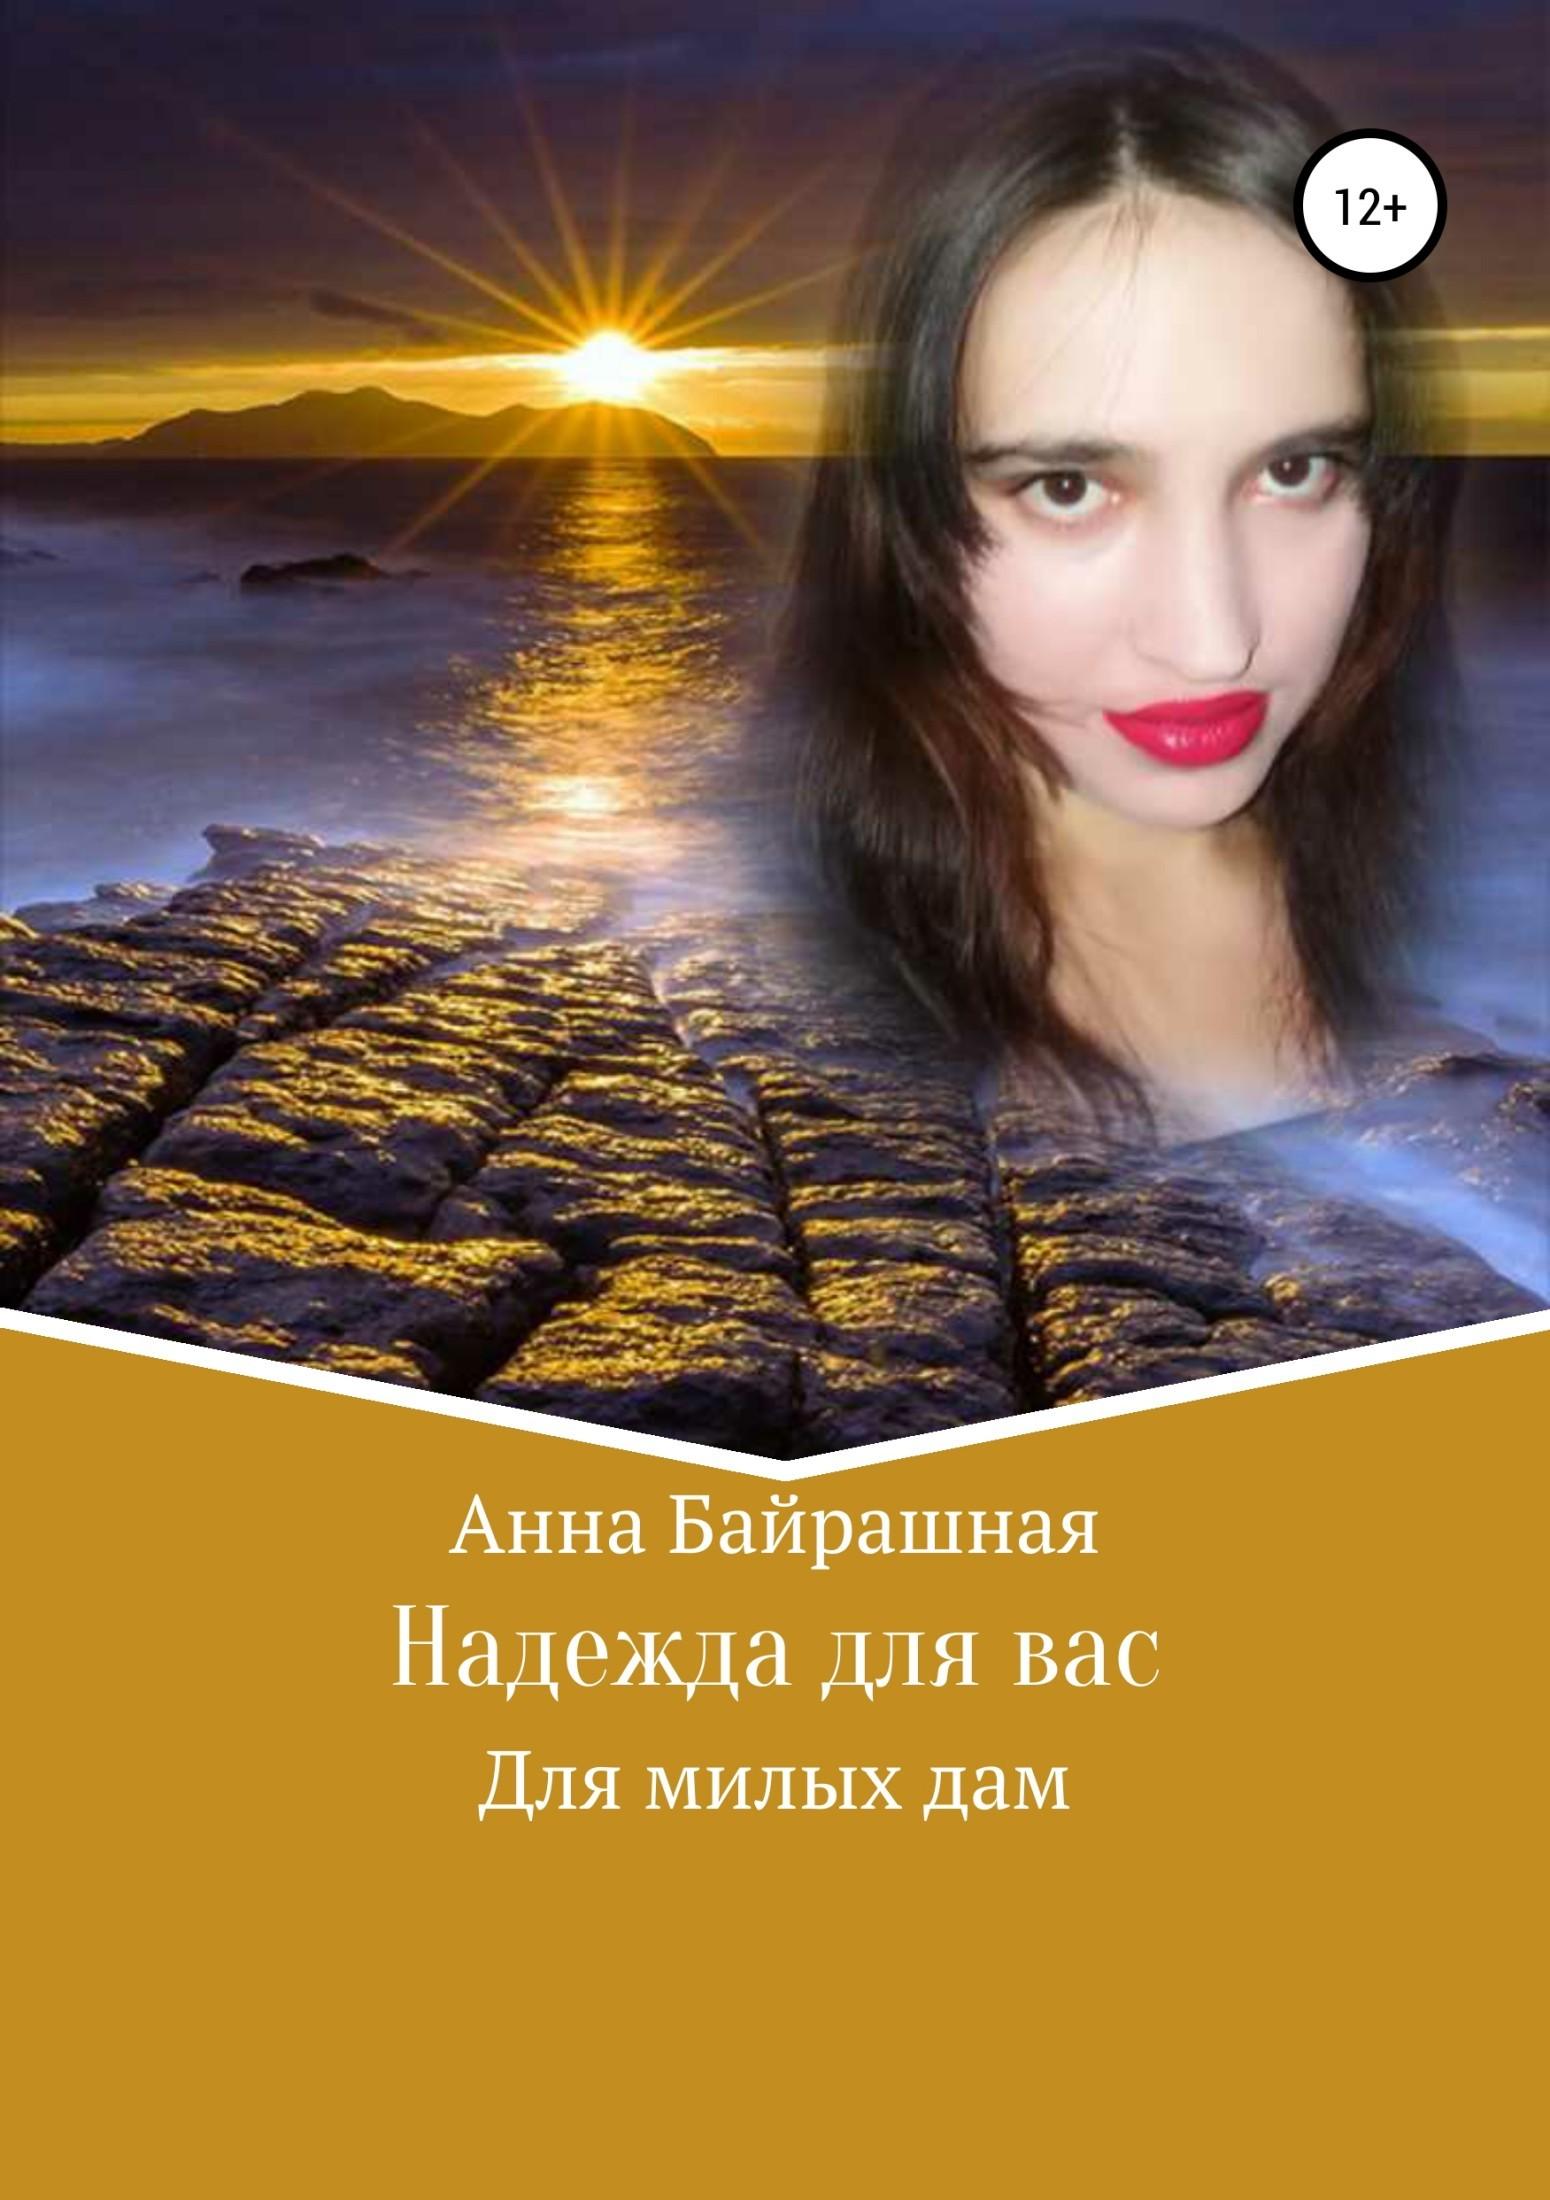 Анна Сергеевна Байрашная Надежда для вас анна сергеевна байрашная стихи о жизни